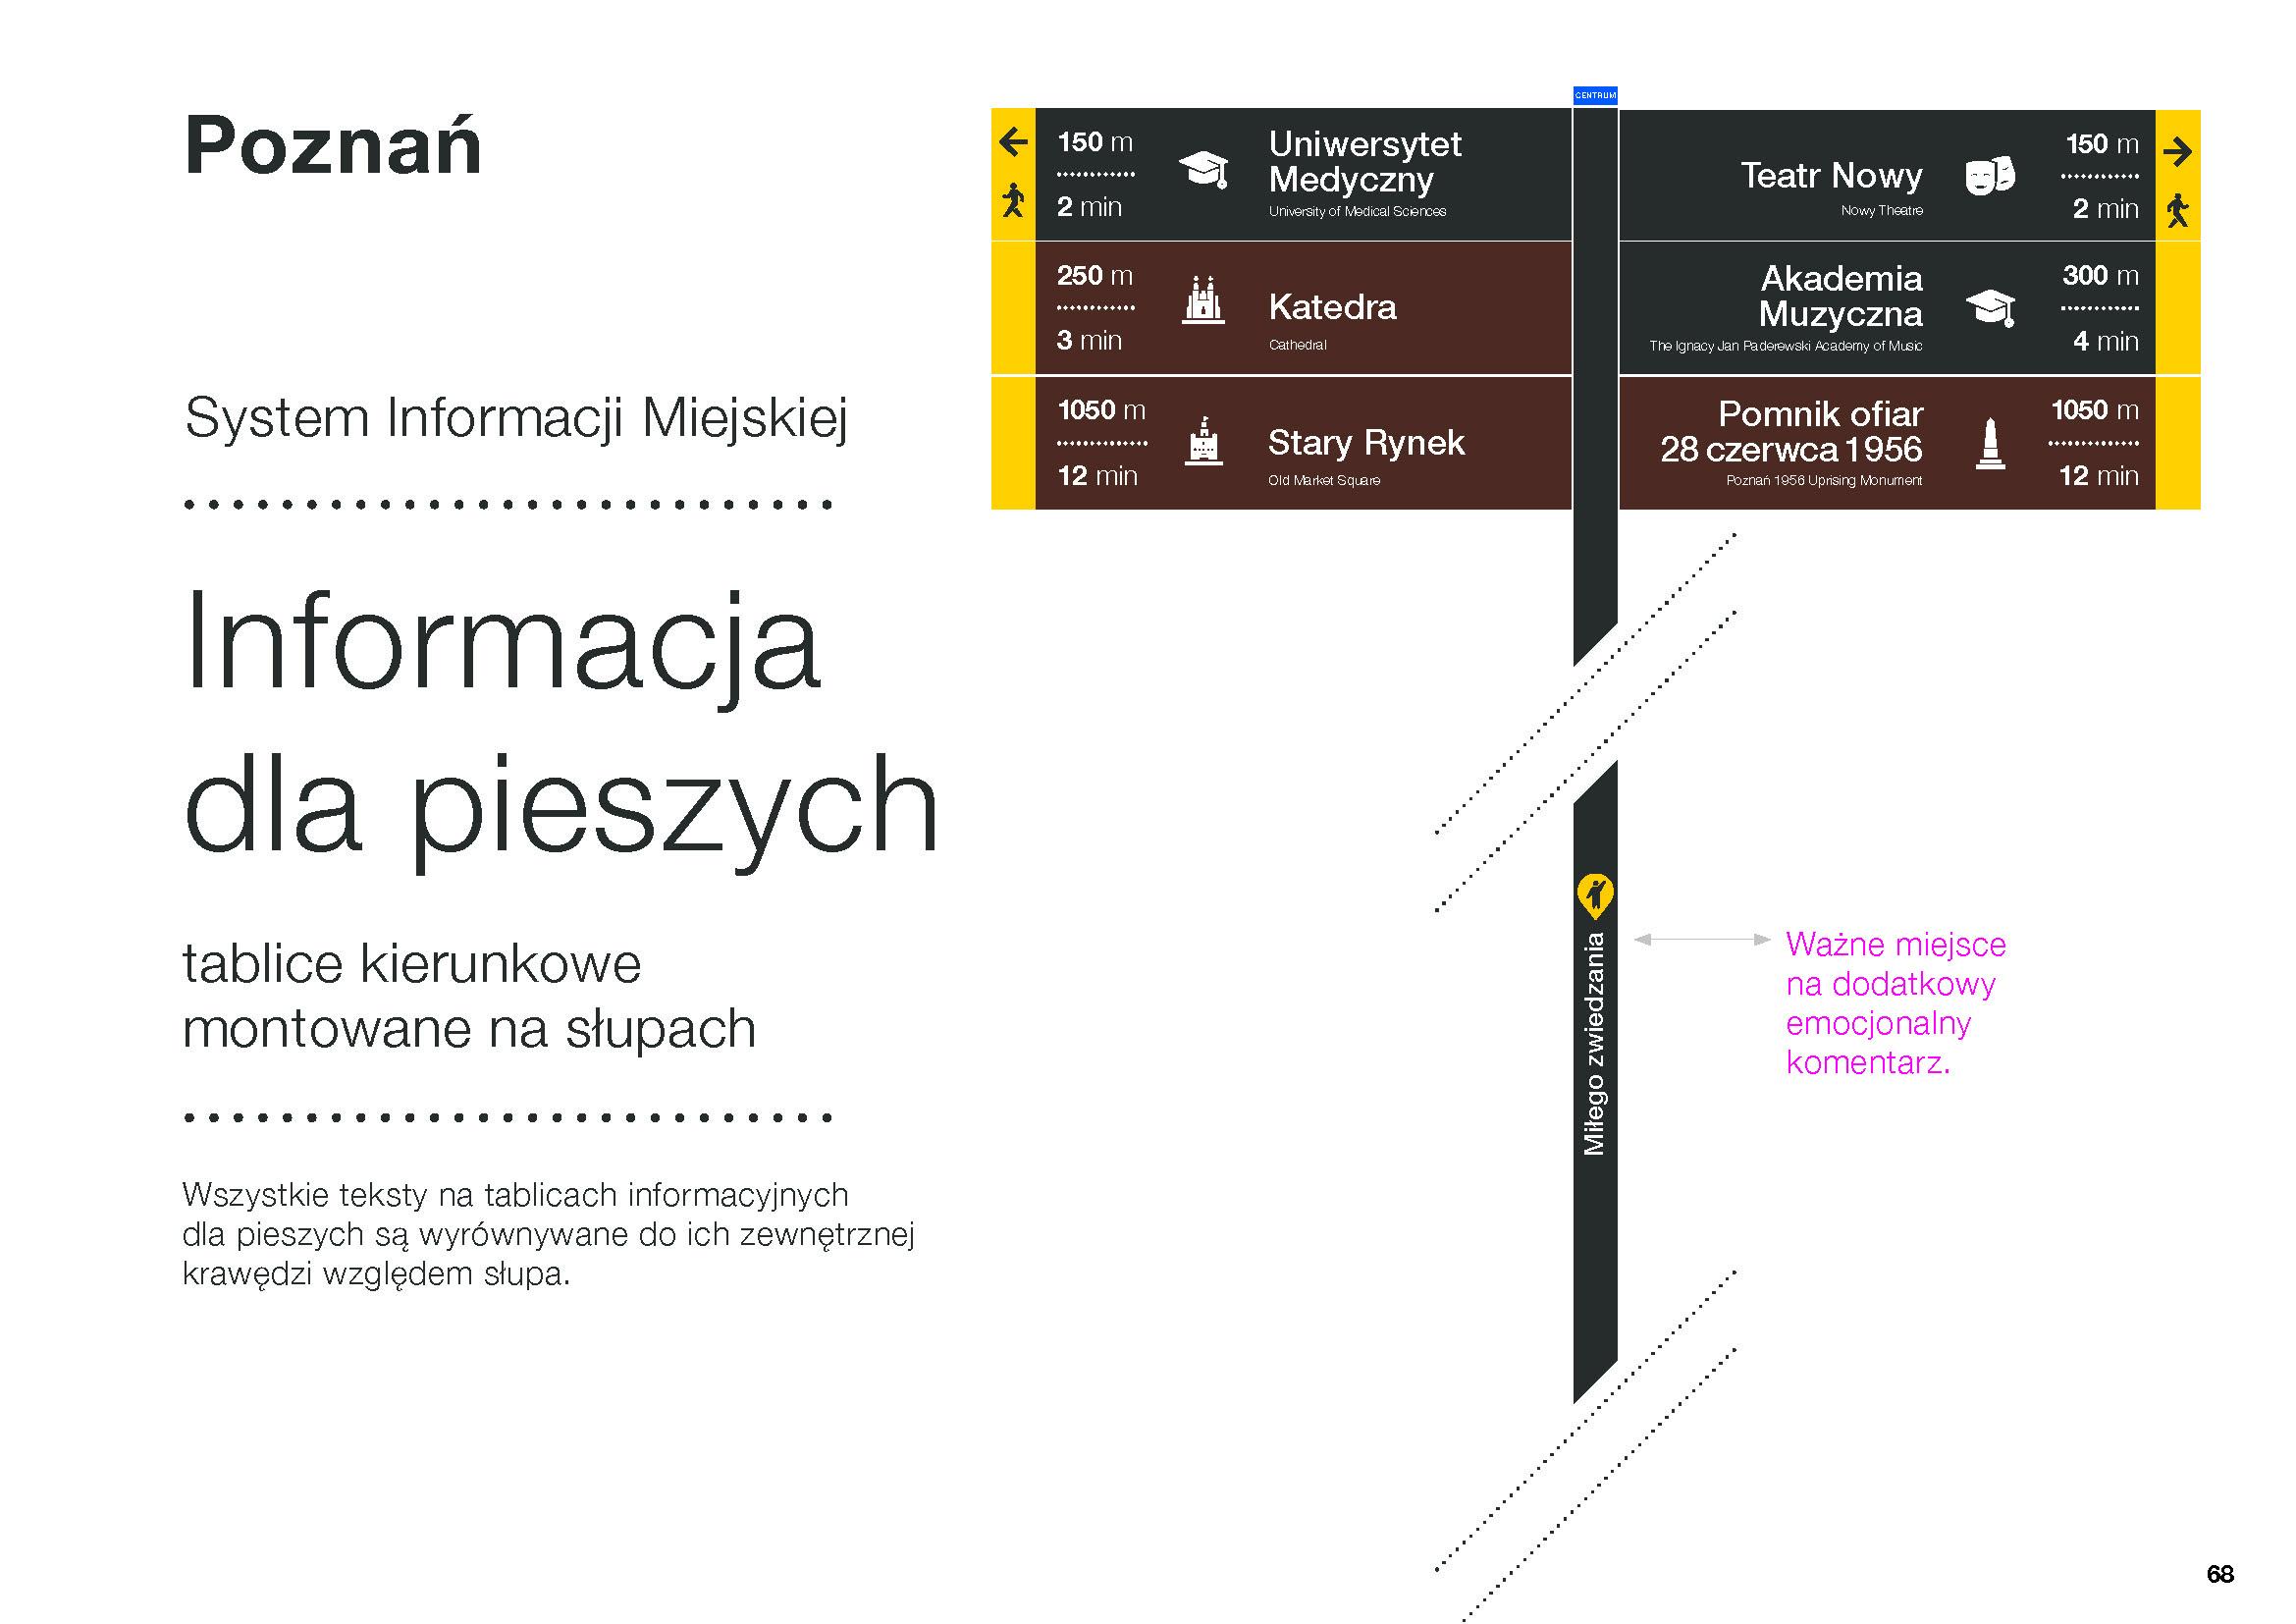 Poznań System Informacji Miejskiej (14)  Foto: